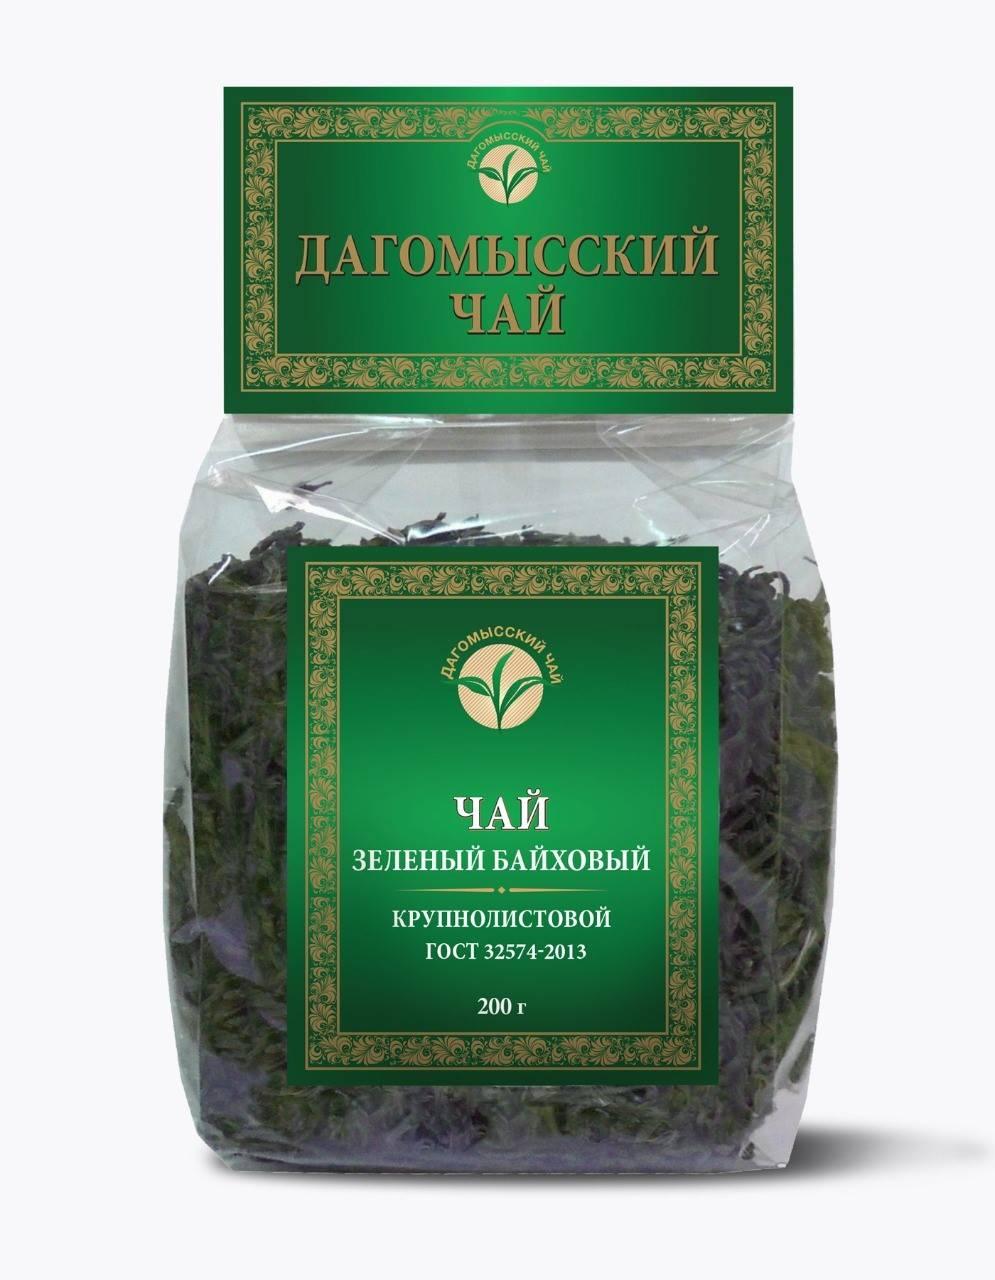 Зеленый байховый чай: польза и вред, виды, изготовители